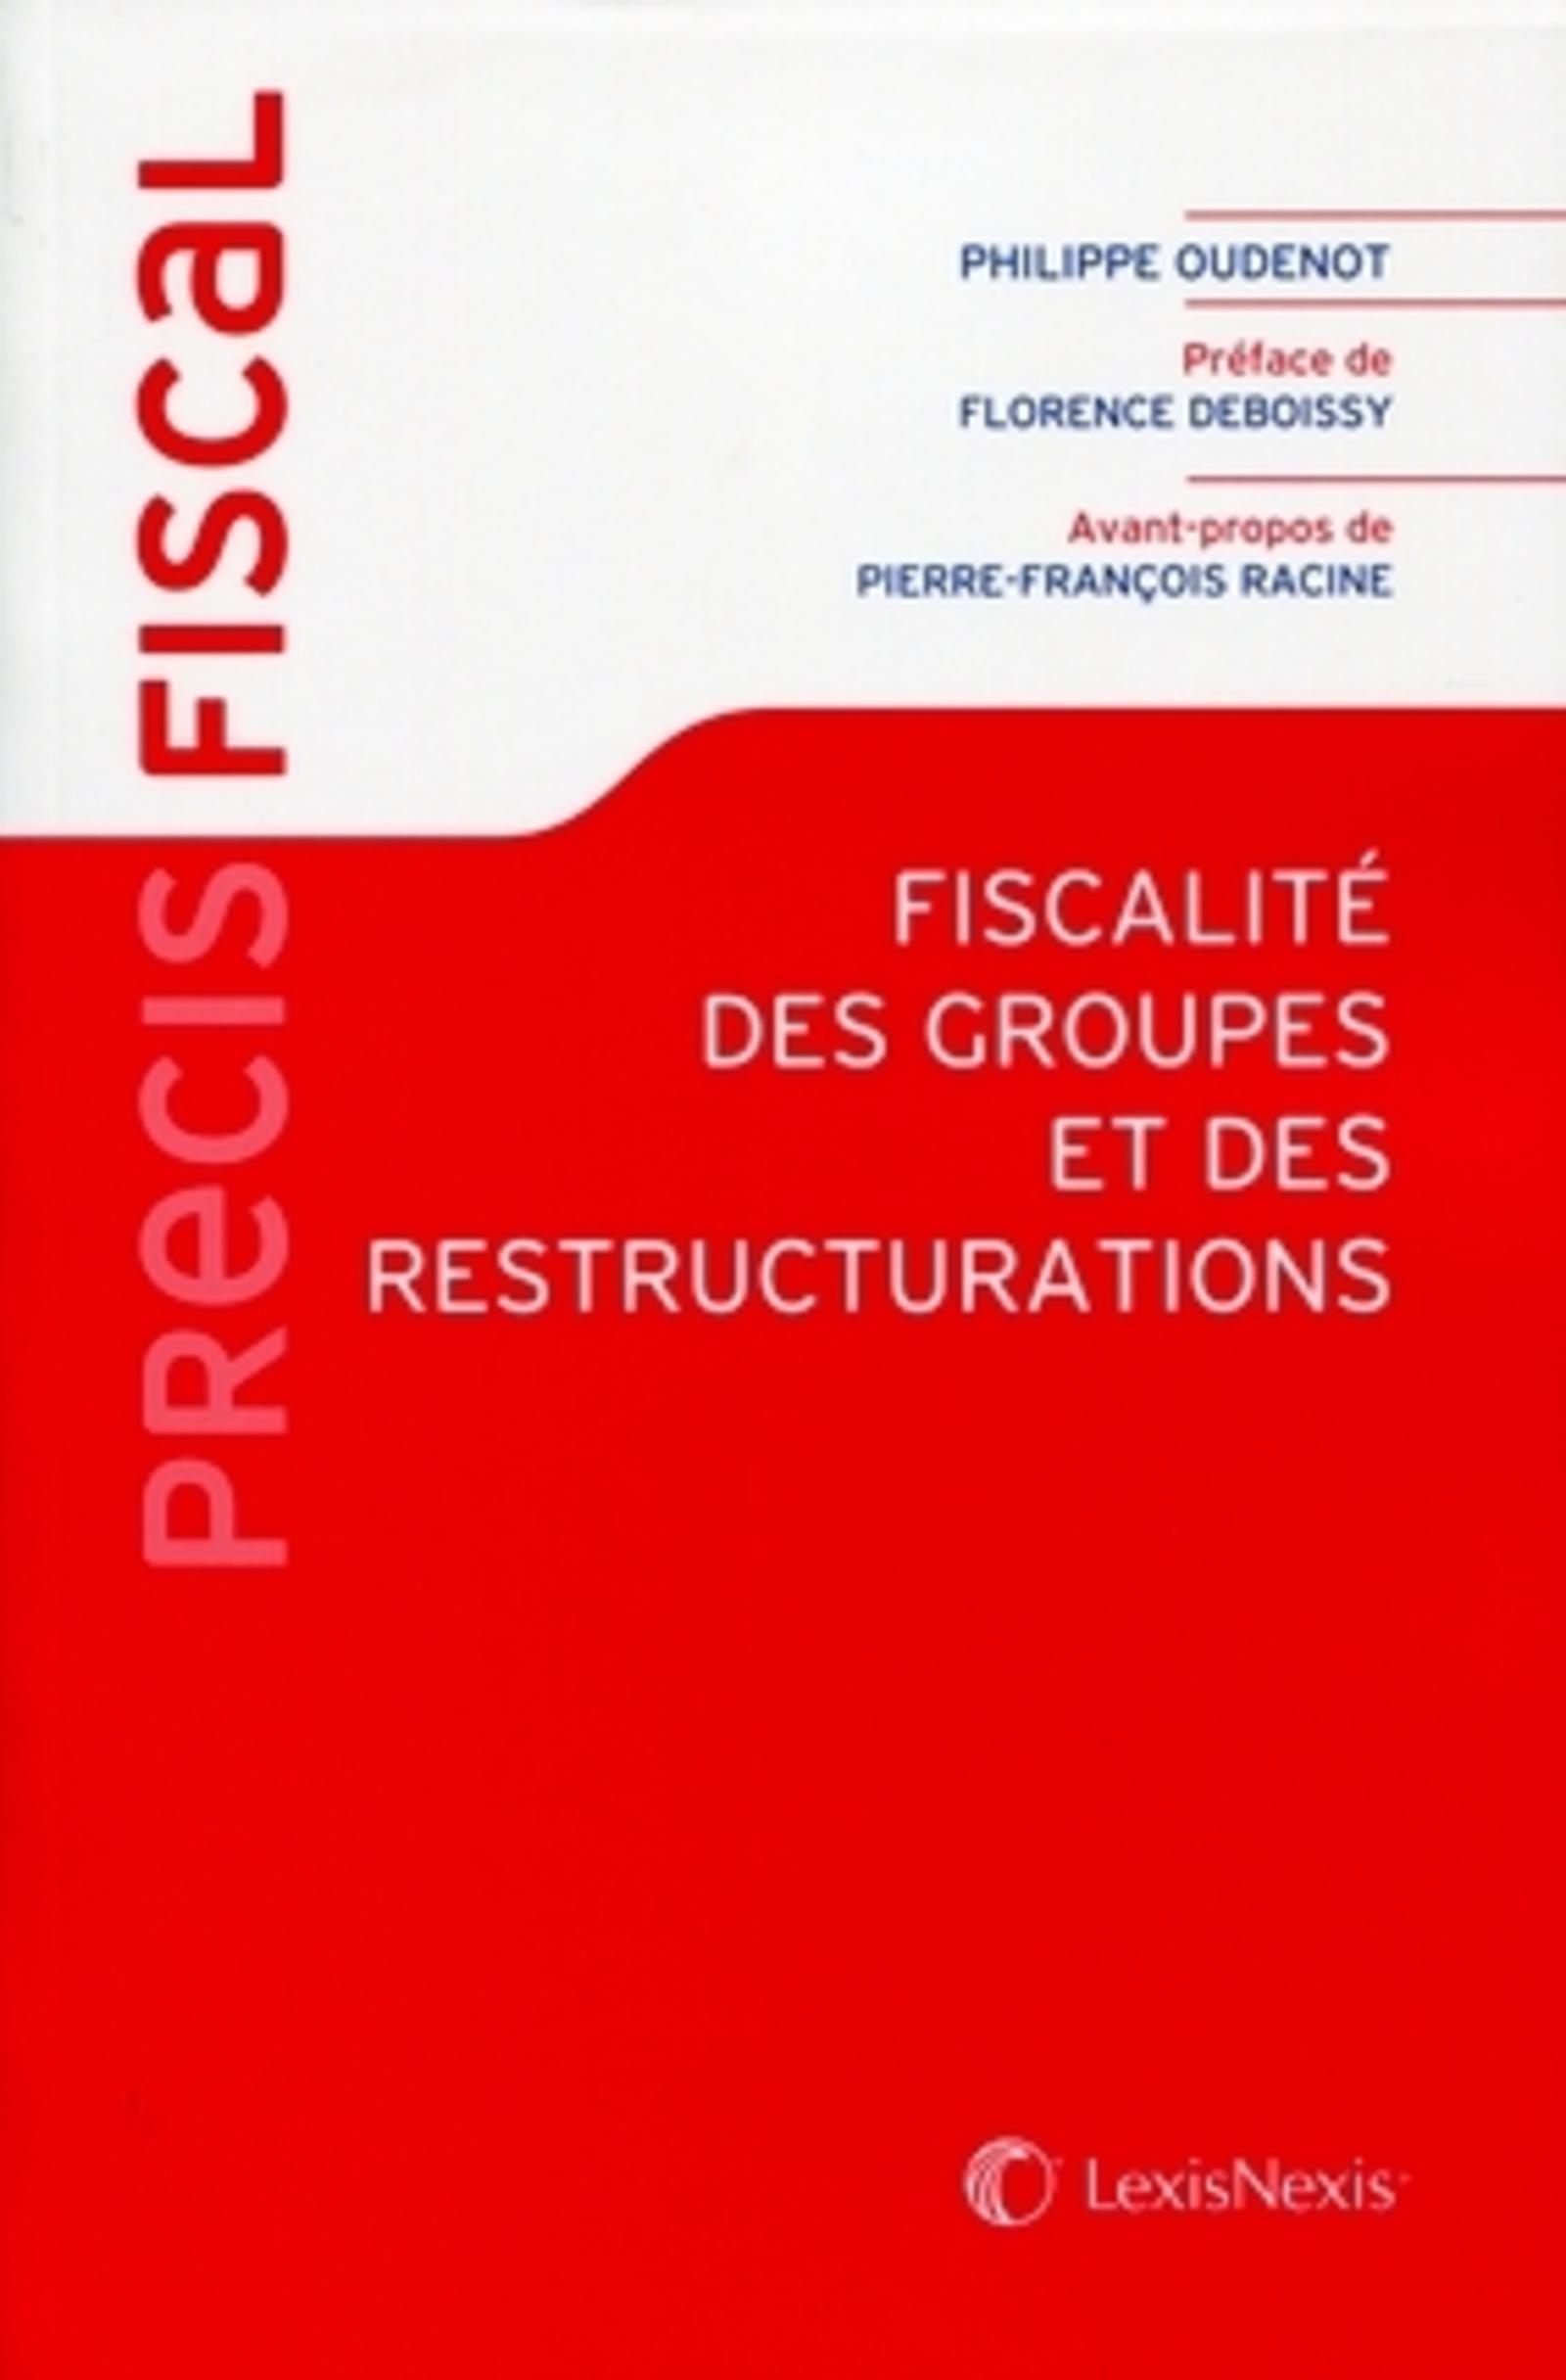 FISCALITE DES GROUPES ET DES RESTRUCTURATIONS